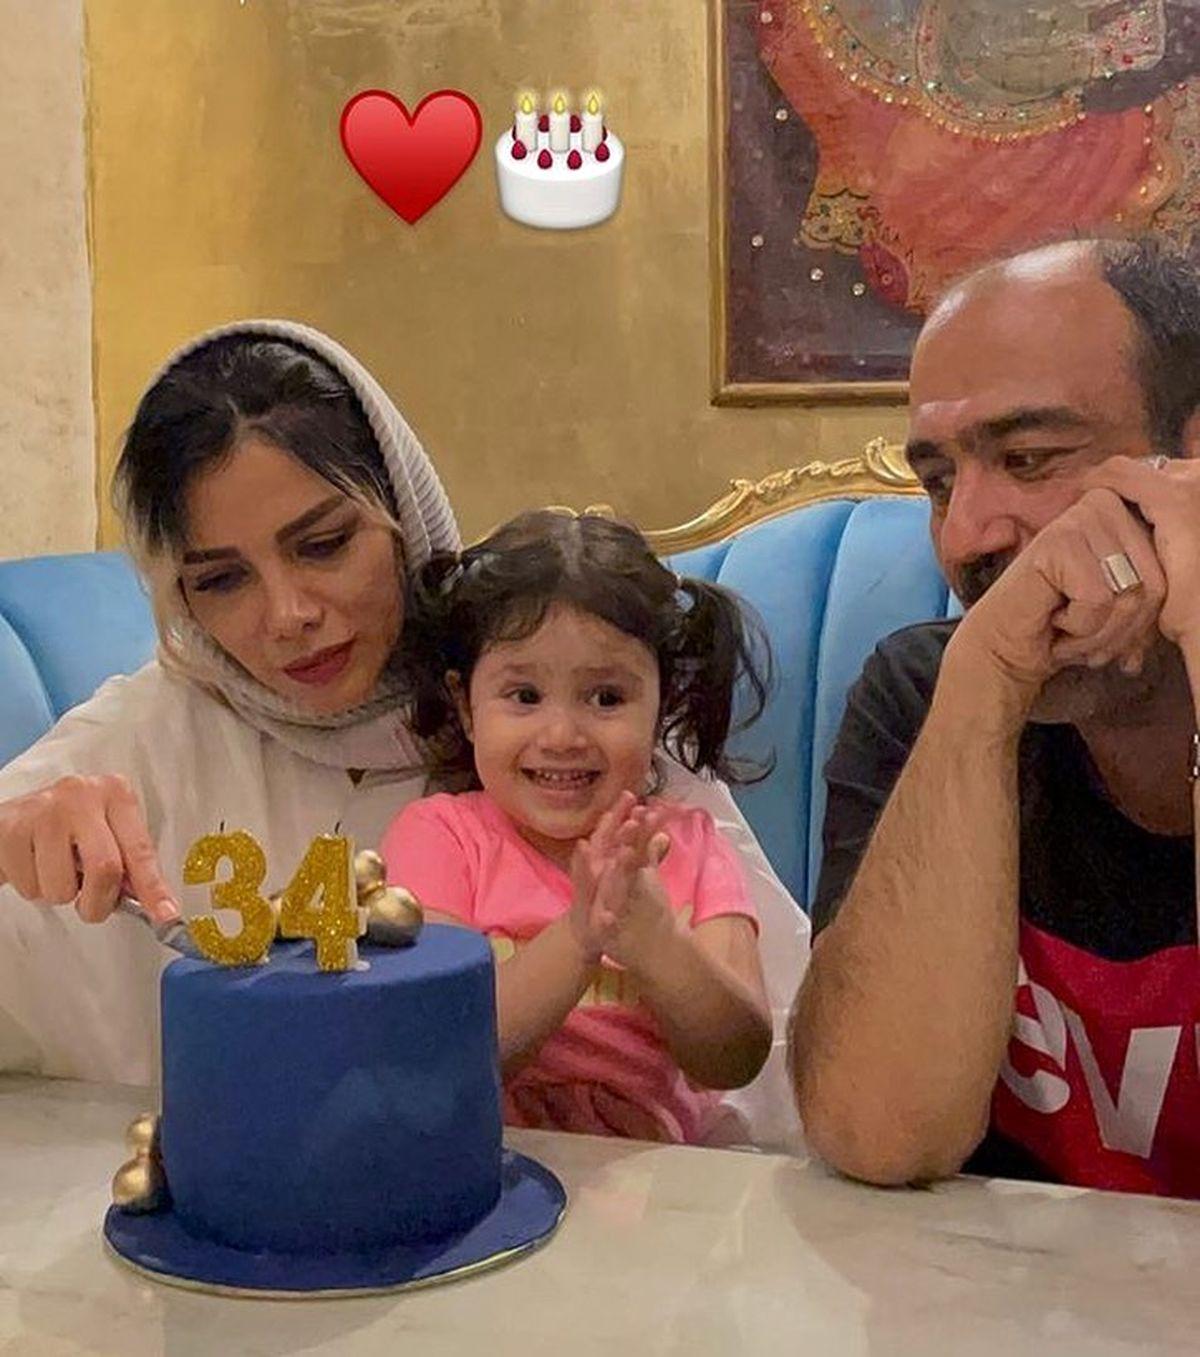 مهران غفوریان و دخترش در جشن تولد همسرش + عکس